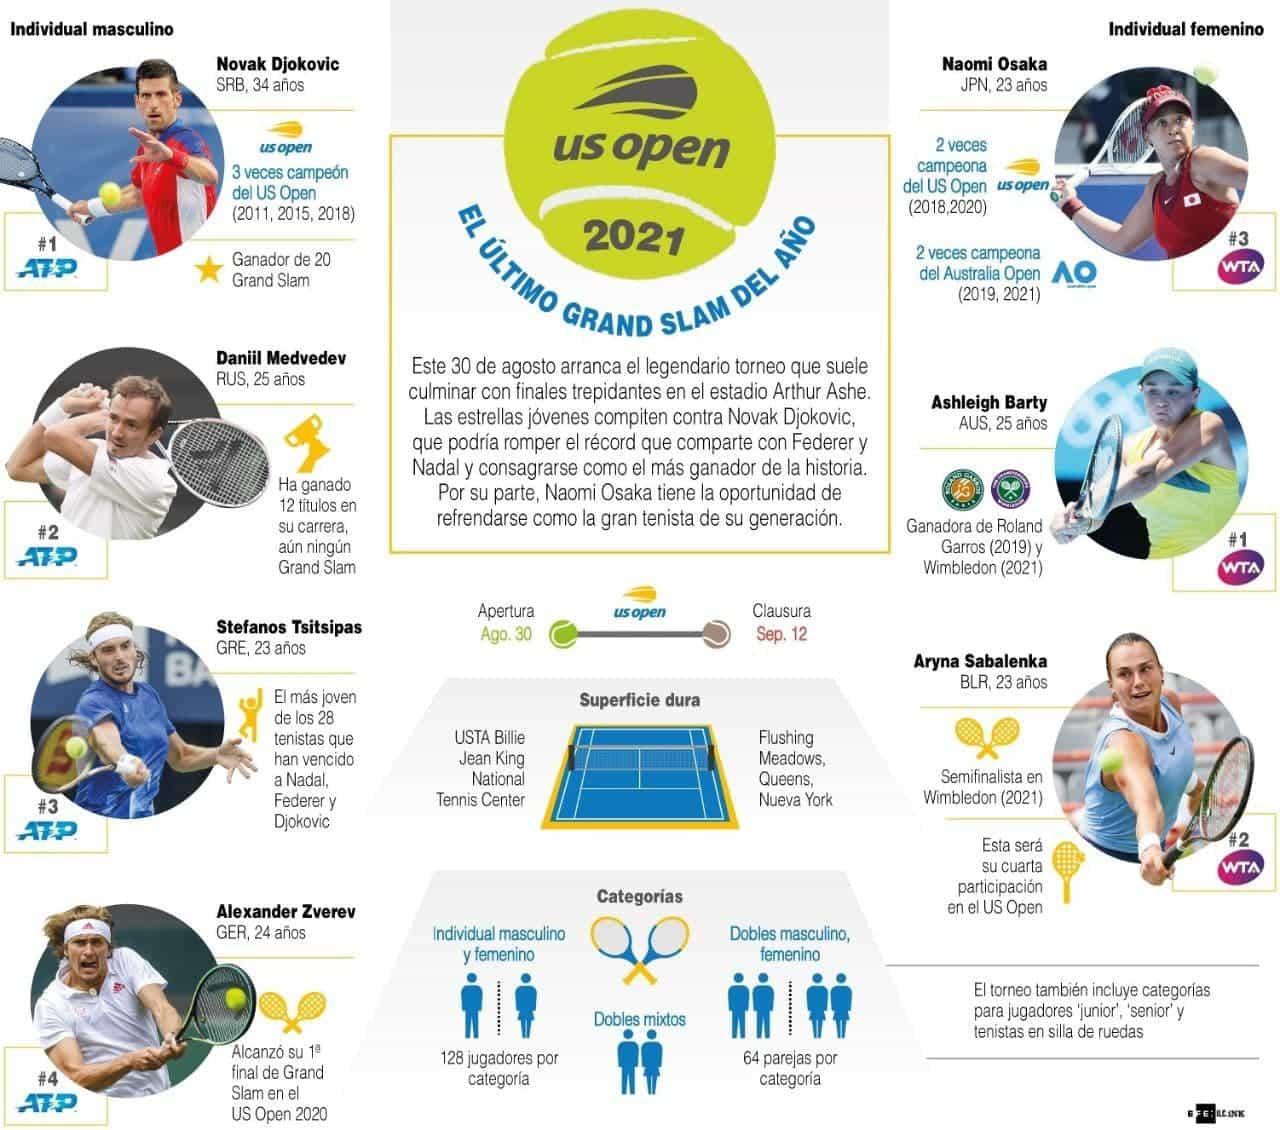 [Infografía] El Abierto de Tenis de EE. UU. celebrará el retorno de Broadway 1